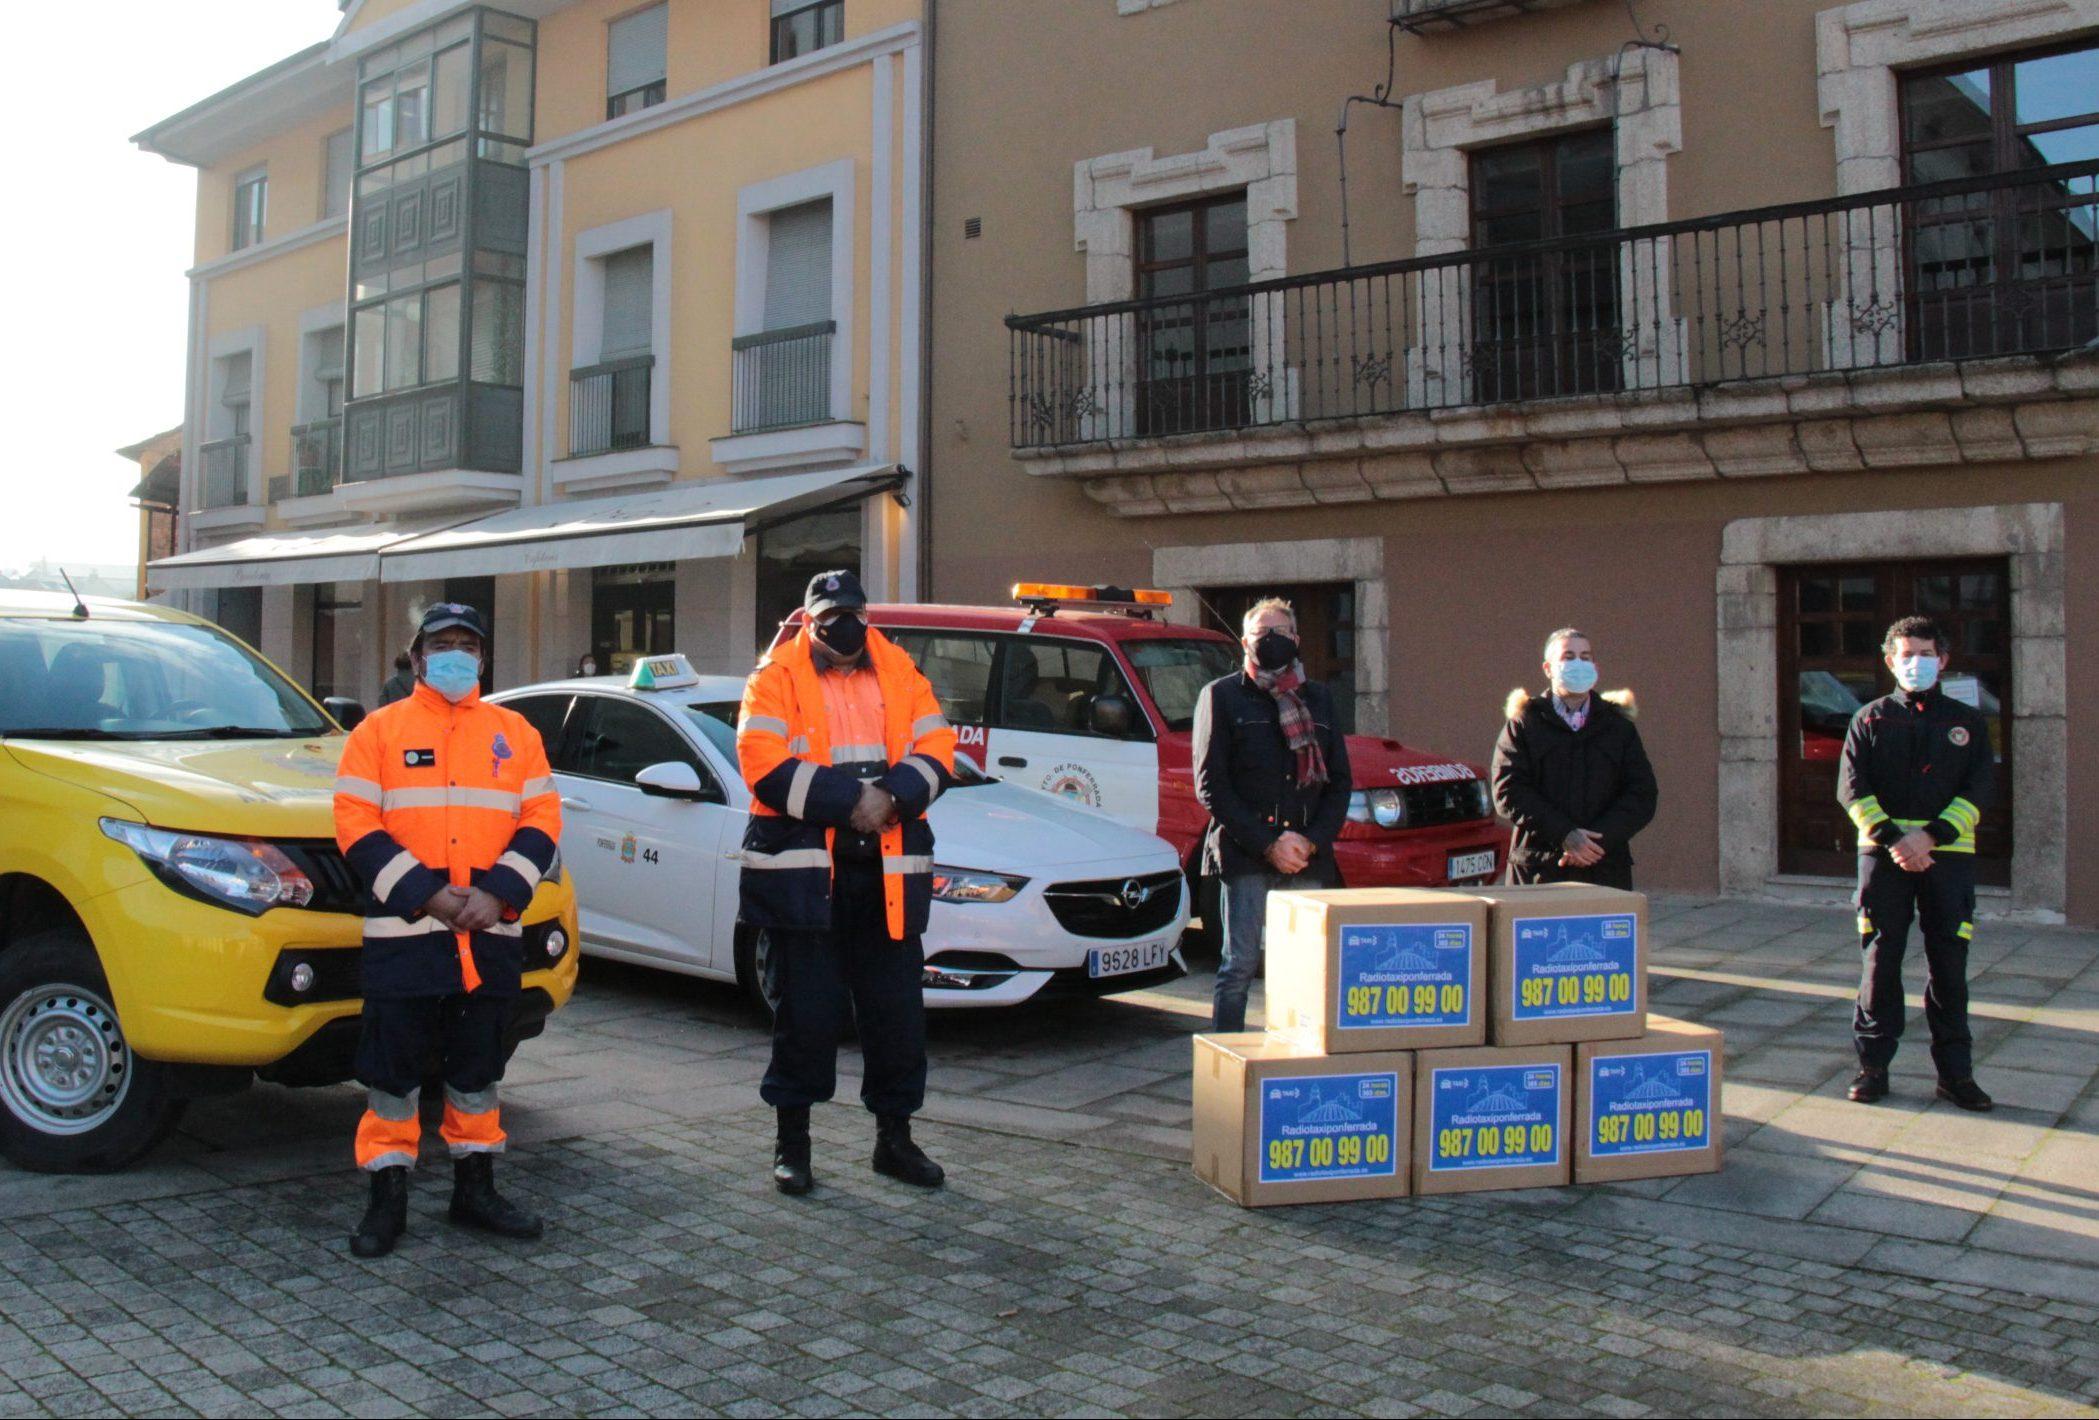 El Ayuntamiento y la asociación Radiotaxi Ponferrada distribuyen a partir de hoy más de 26.000 mascarillas en todos los colegios e institutos del Municipio 1